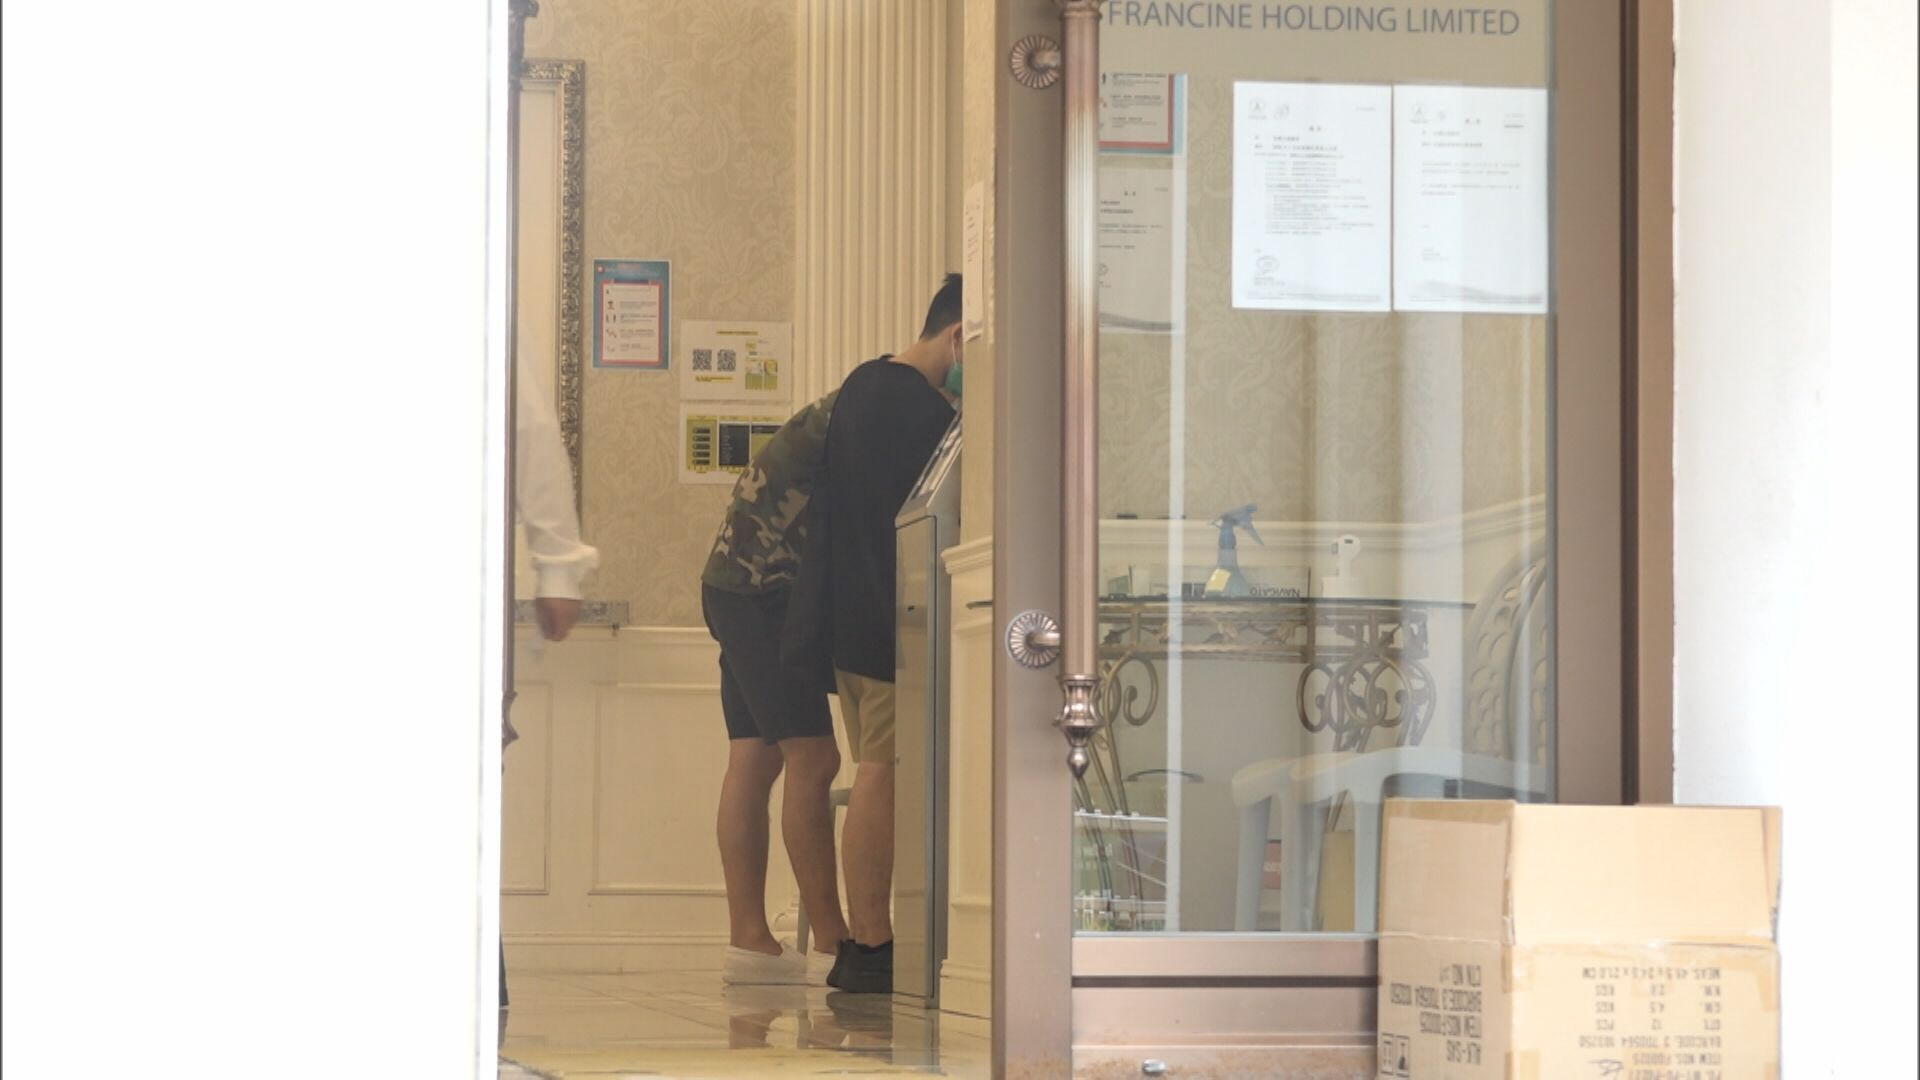 直銷群組再多六人確診 上周五曾於旺角帝京酒店培訓